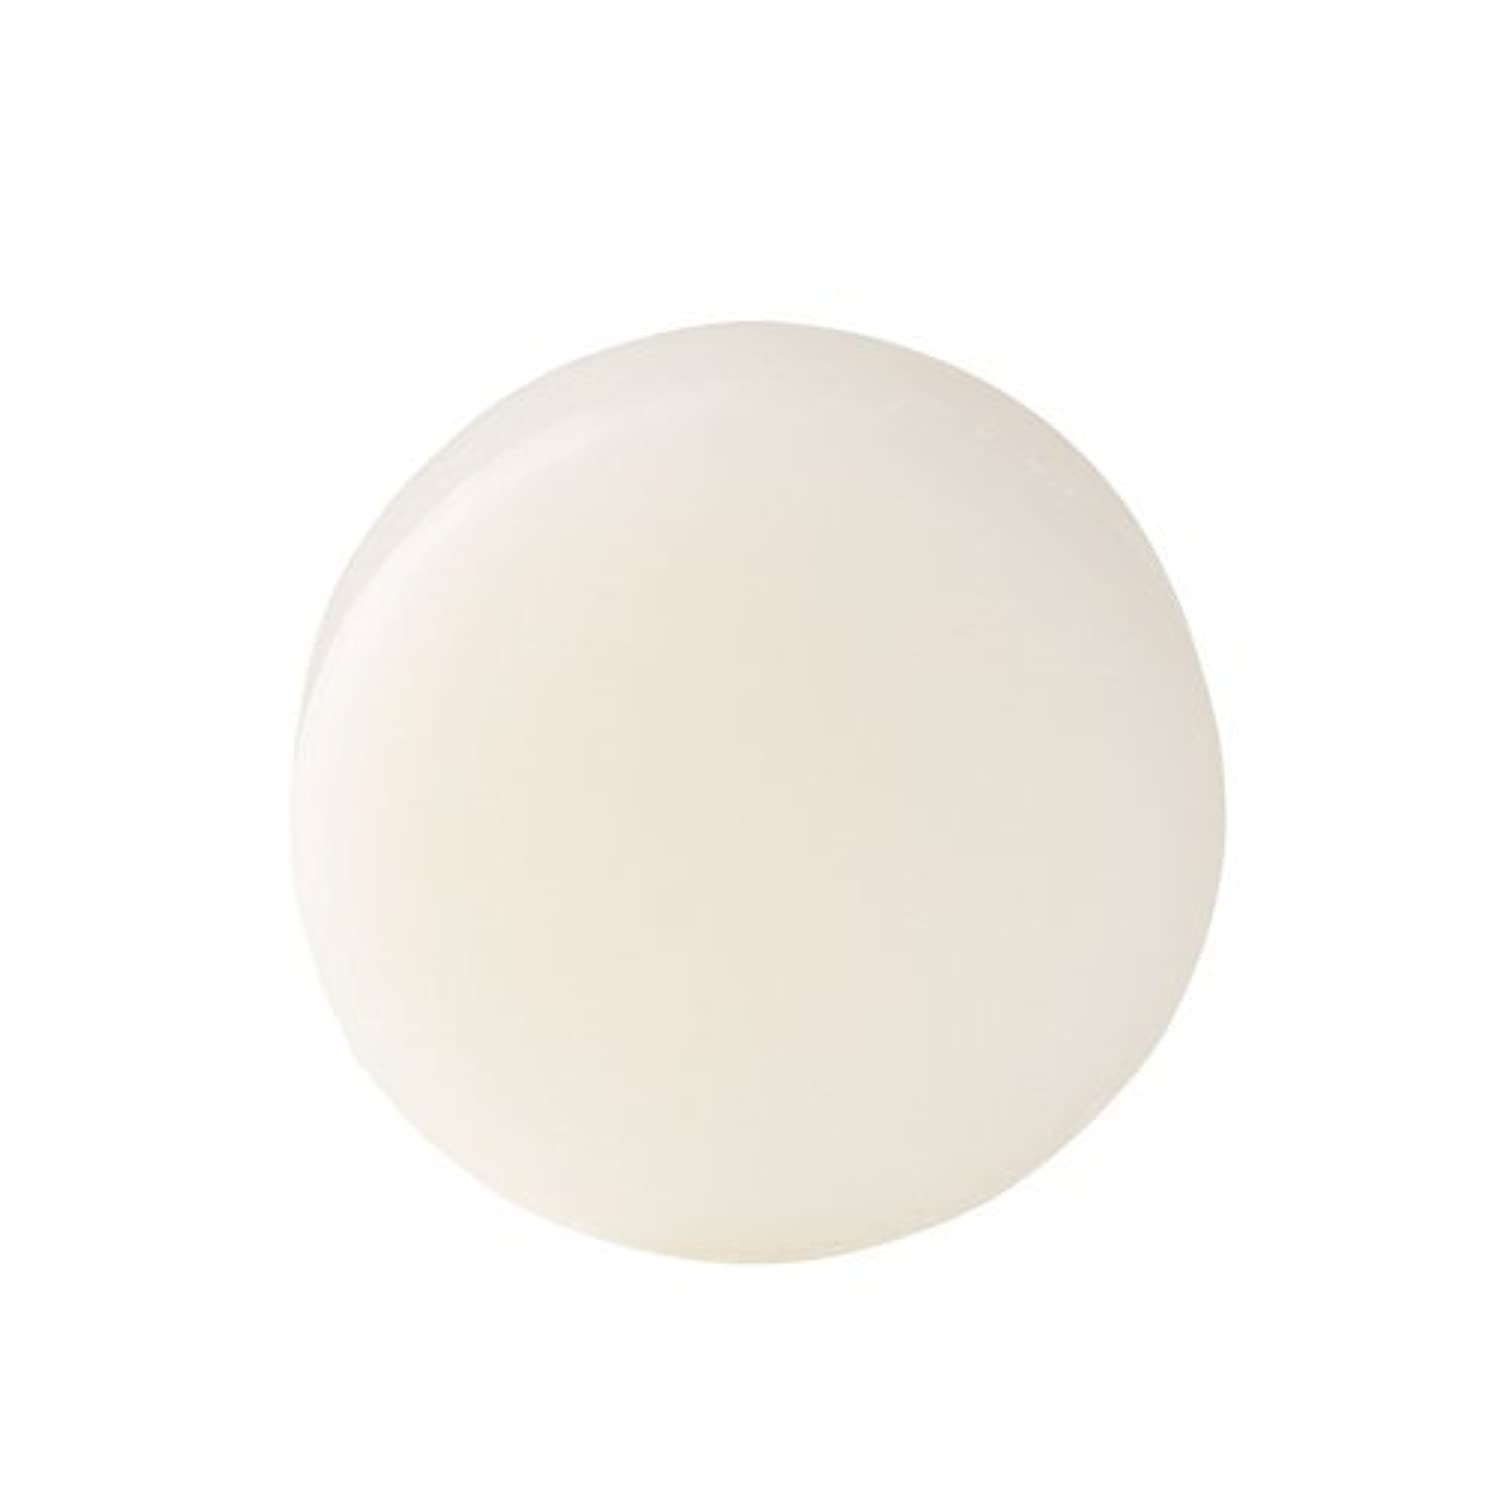 インストールキャプション適切なイデアアクト クレイC-Iソープ(洗顔ソープ)